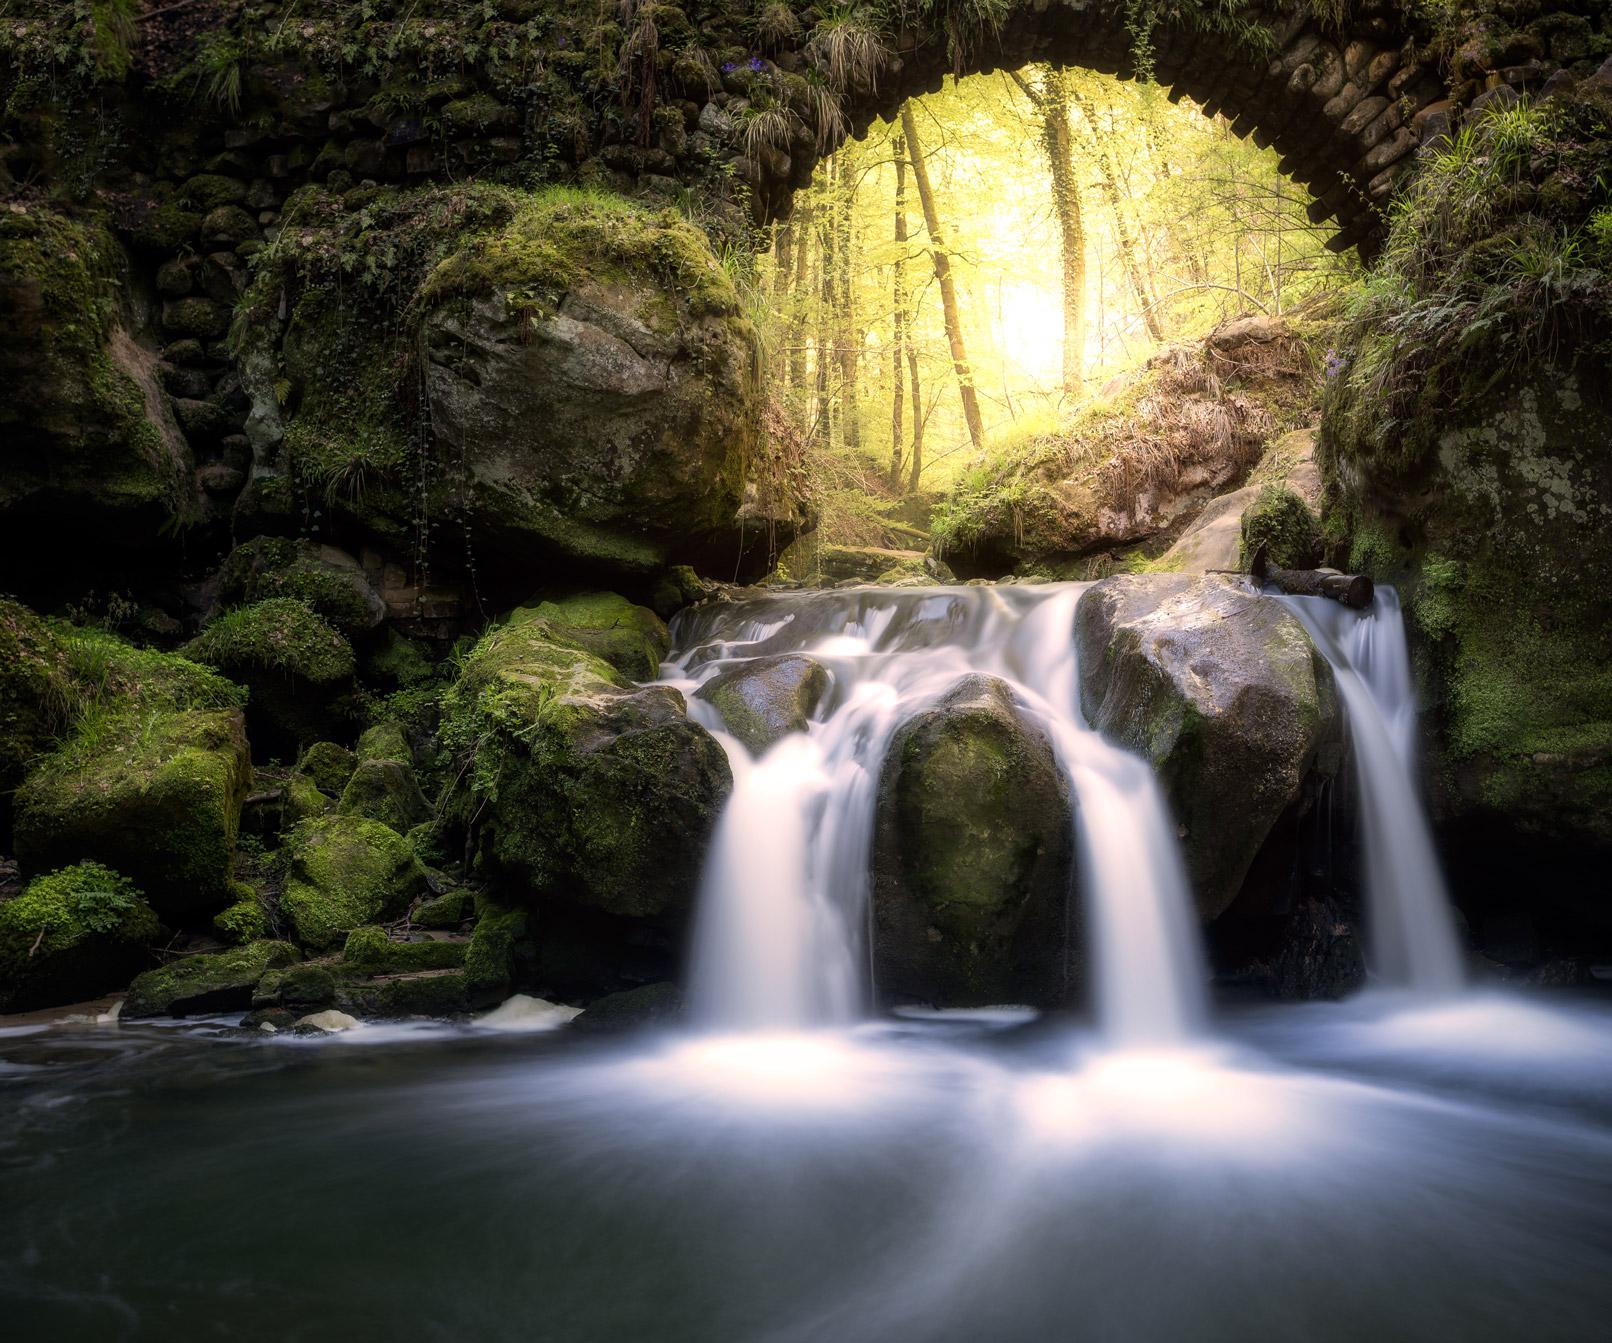 Durch die Langzeitbelichtung fließt der Wasserfall wie ein seidiger Vorhang dahin.